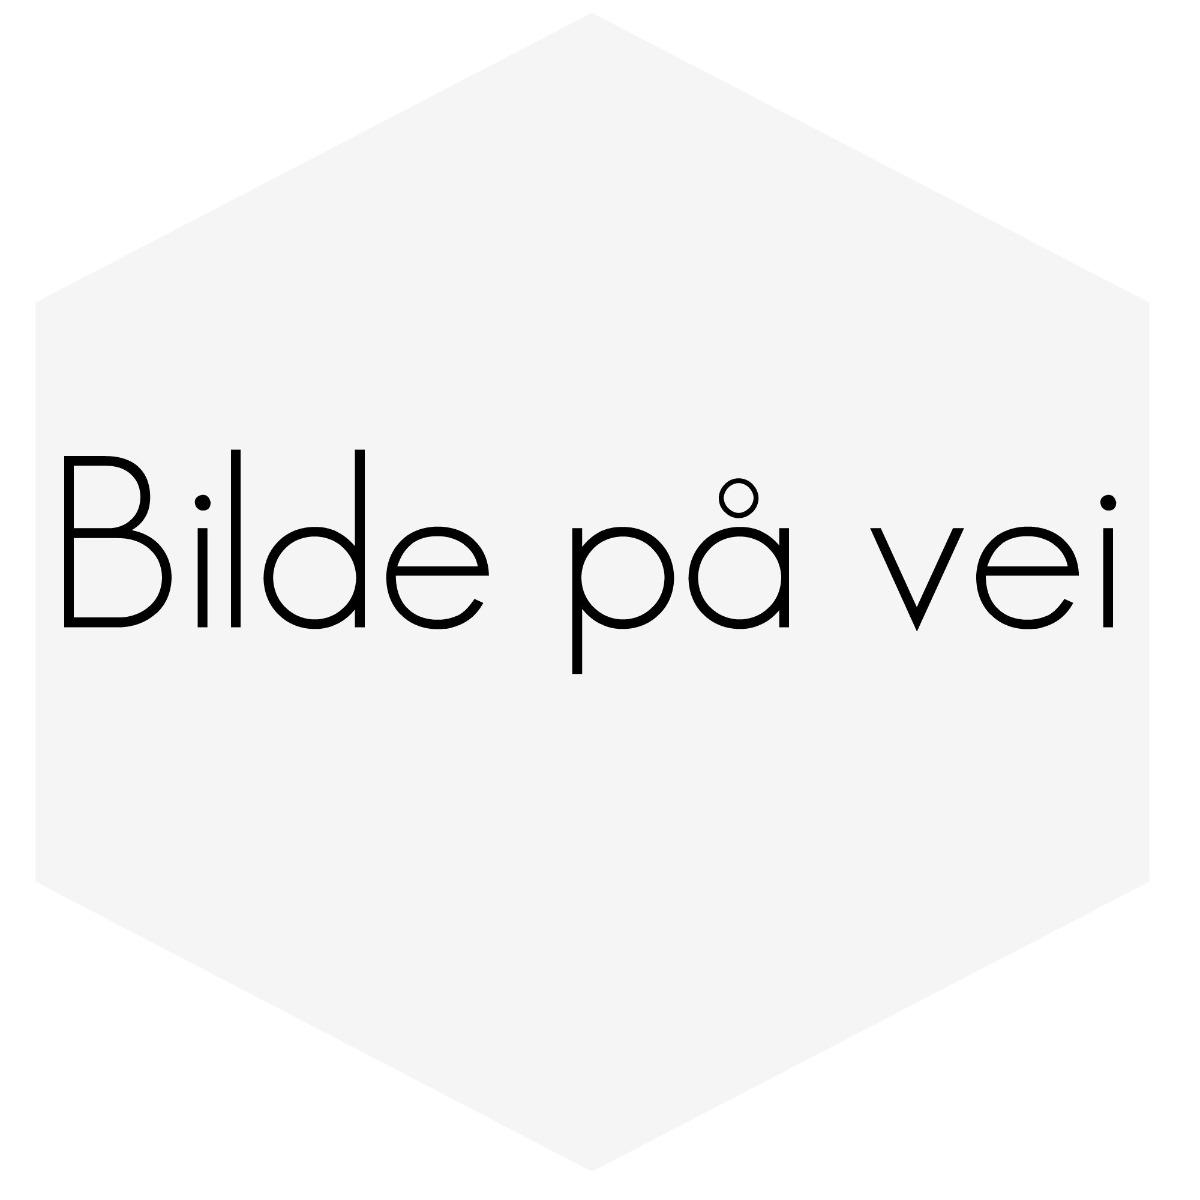 SILIKONSLANGE SVART FLEXIBEL GLATT 1,5'' (38MM)